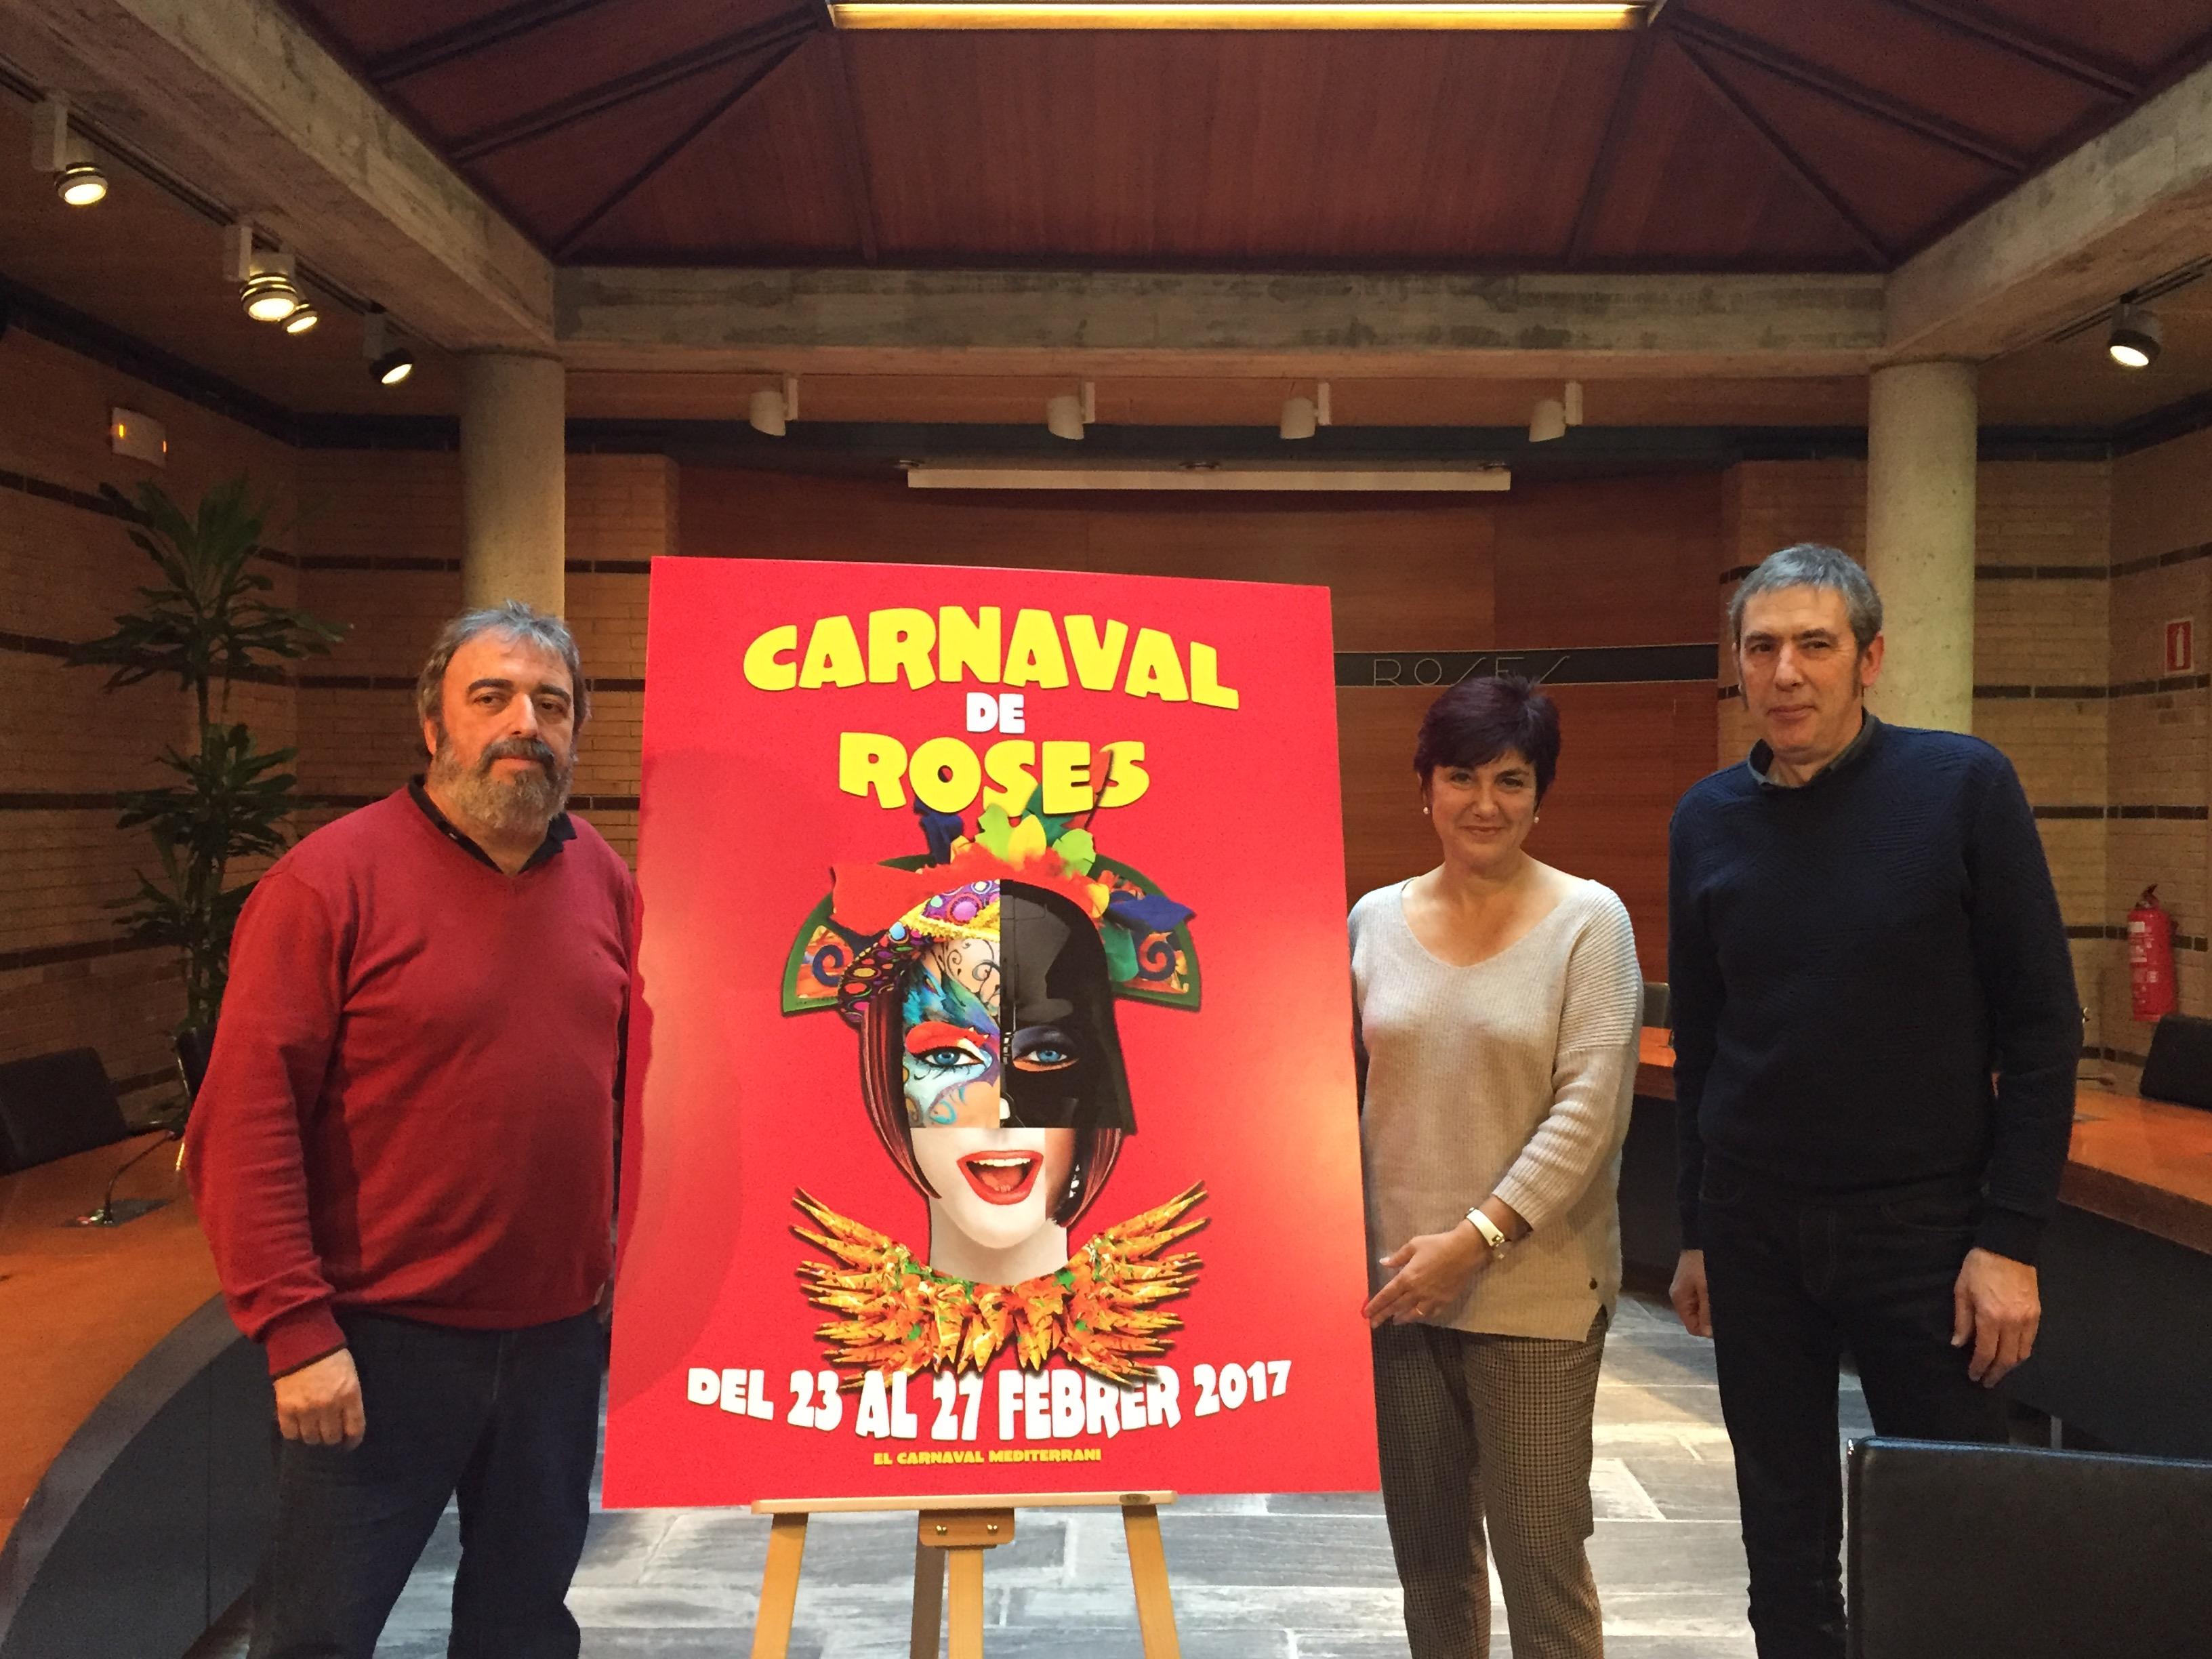 El Carnaval de Roses 2017 ja té imatge